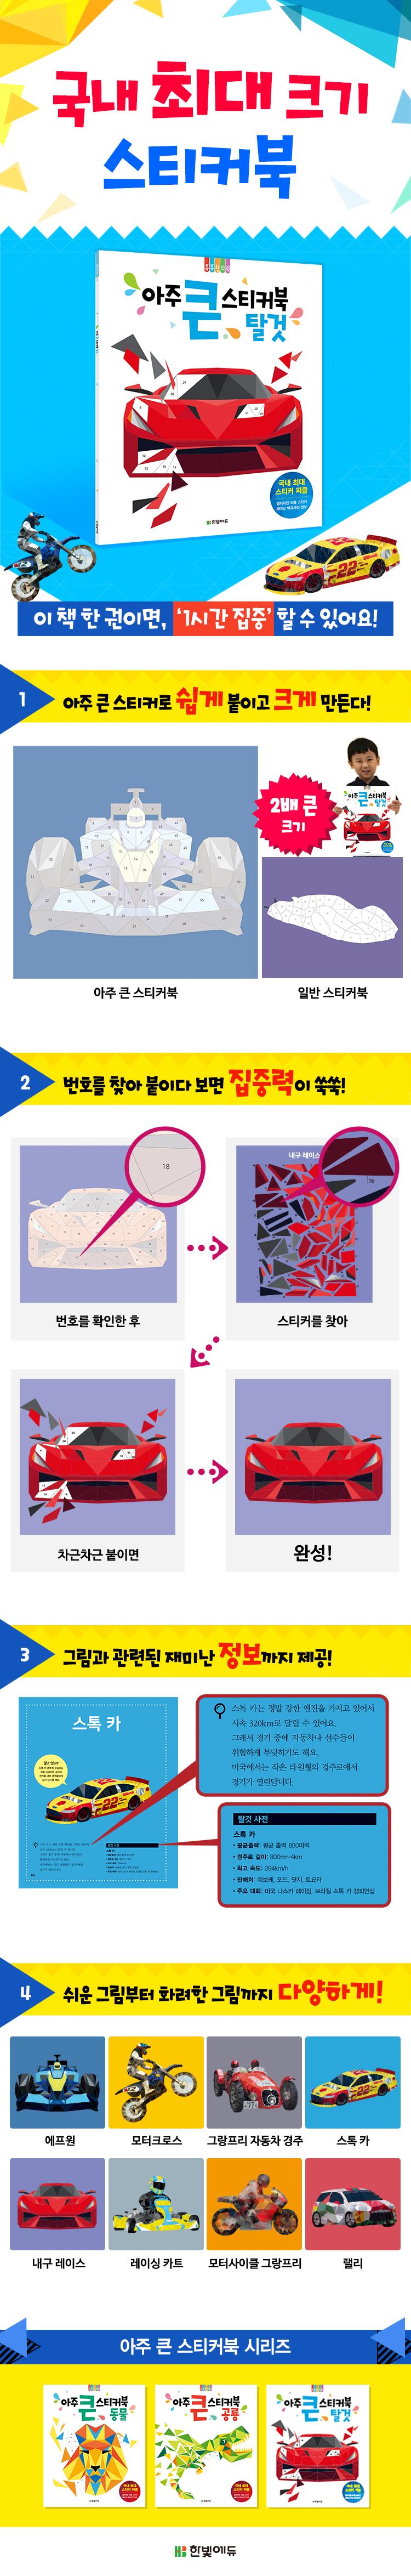 (한빛에듀) 아주 큰 스티커북 - 탈것_상세이미지(750px).jpg